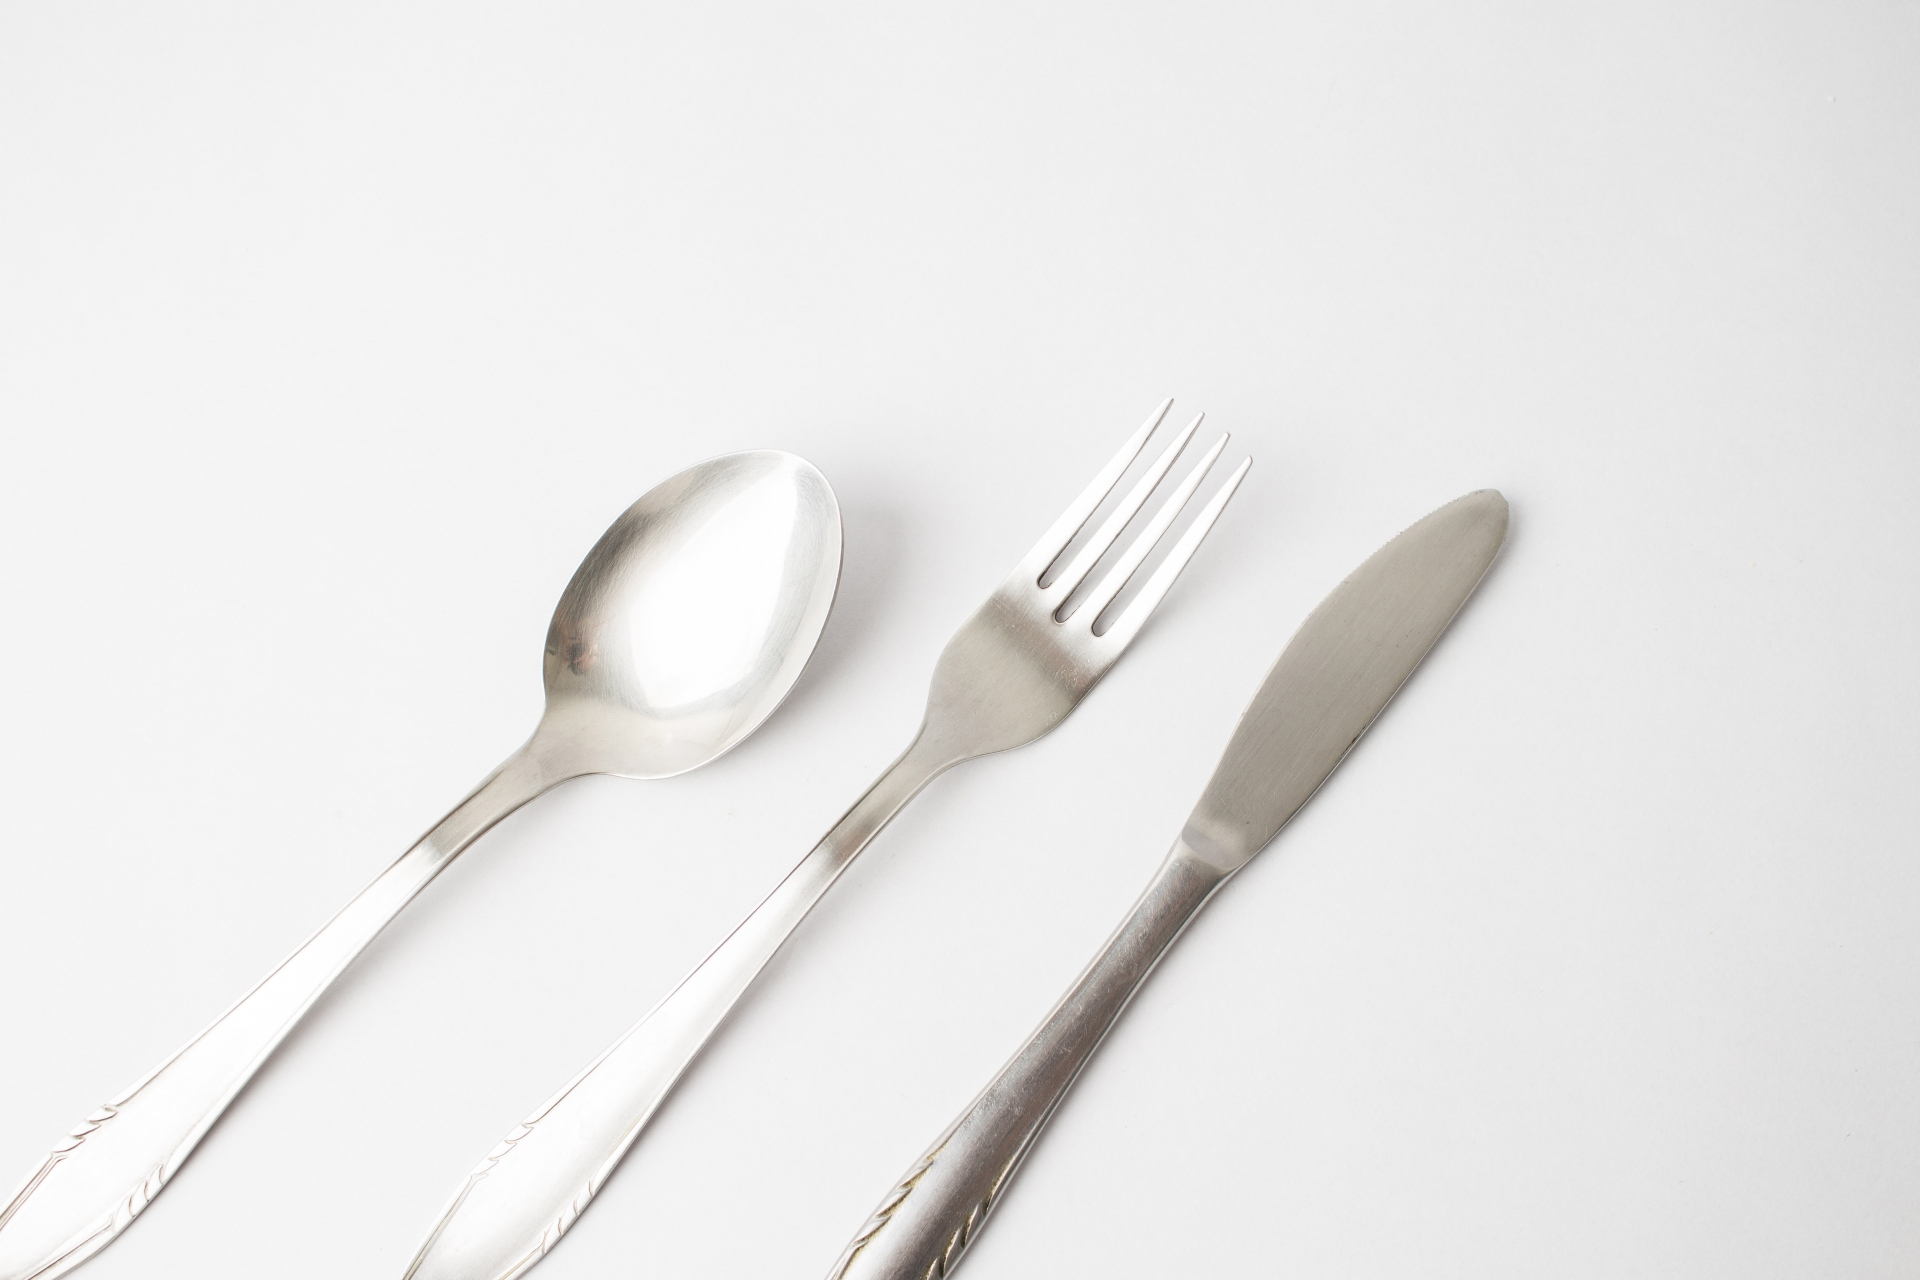 洋食マナーのフォークの使い方!基本やスマートに使う順番を紹介